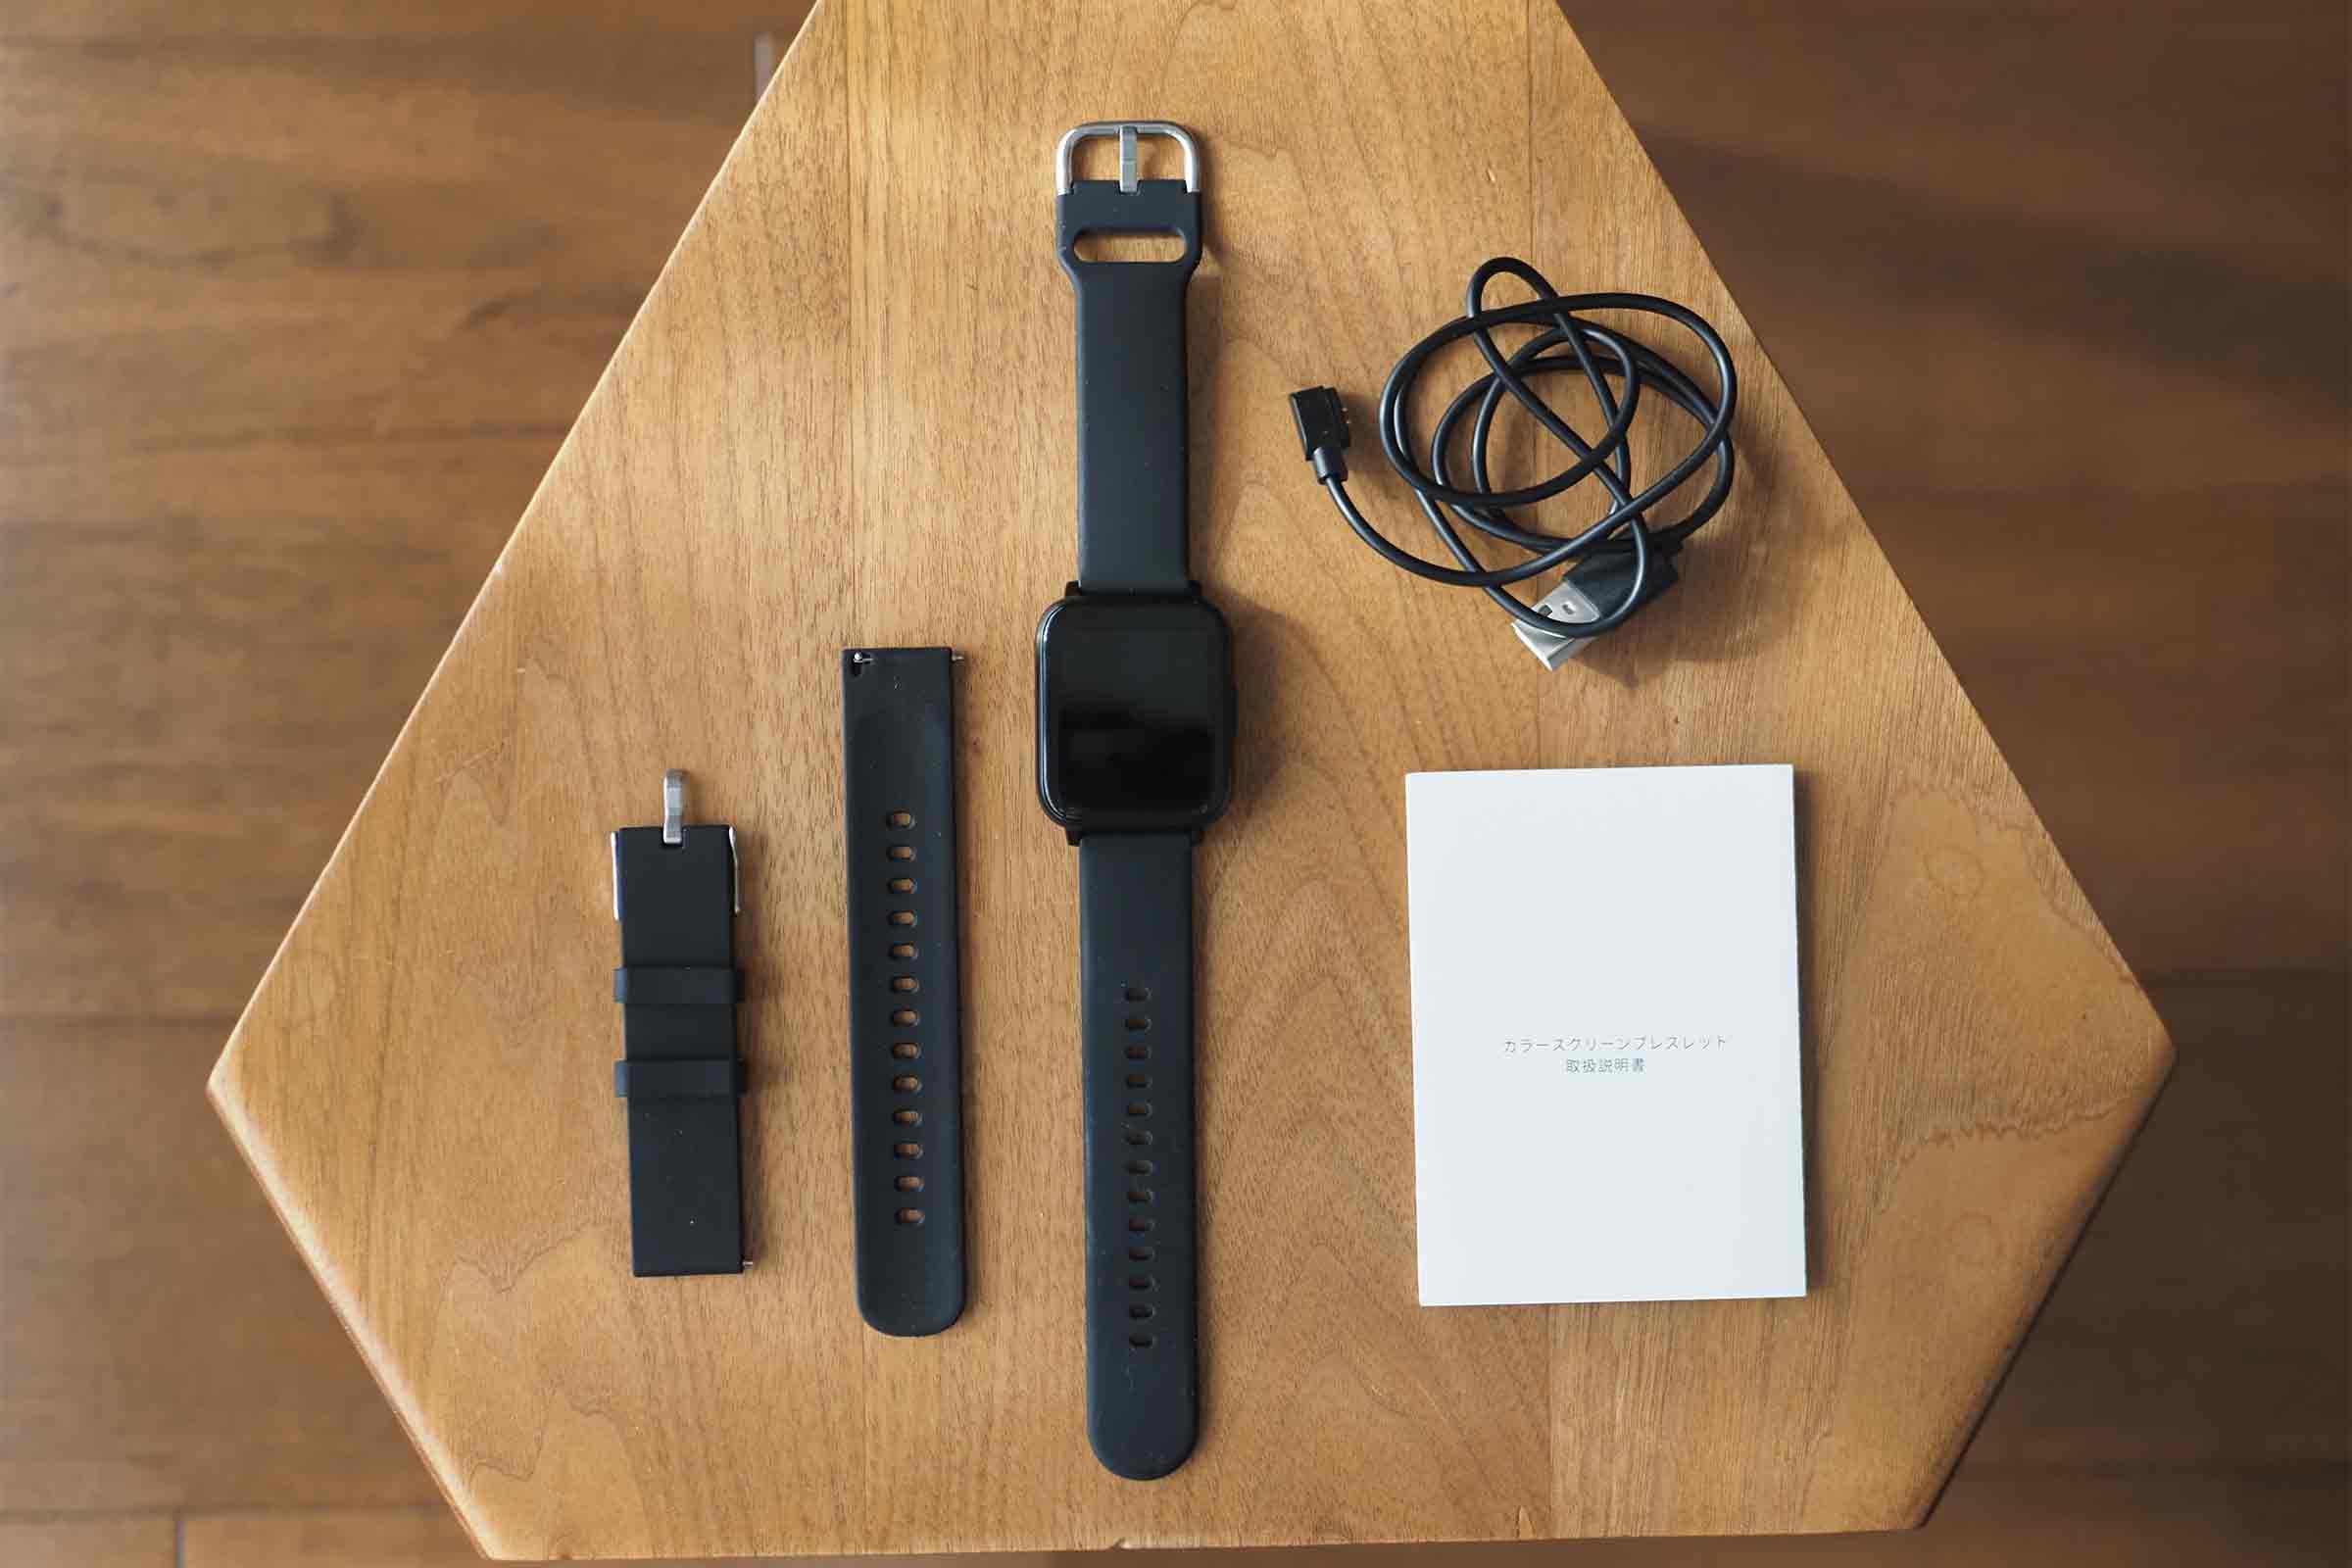 スマートウォッチ,Apple Watch,apple,高機能,安い,中華